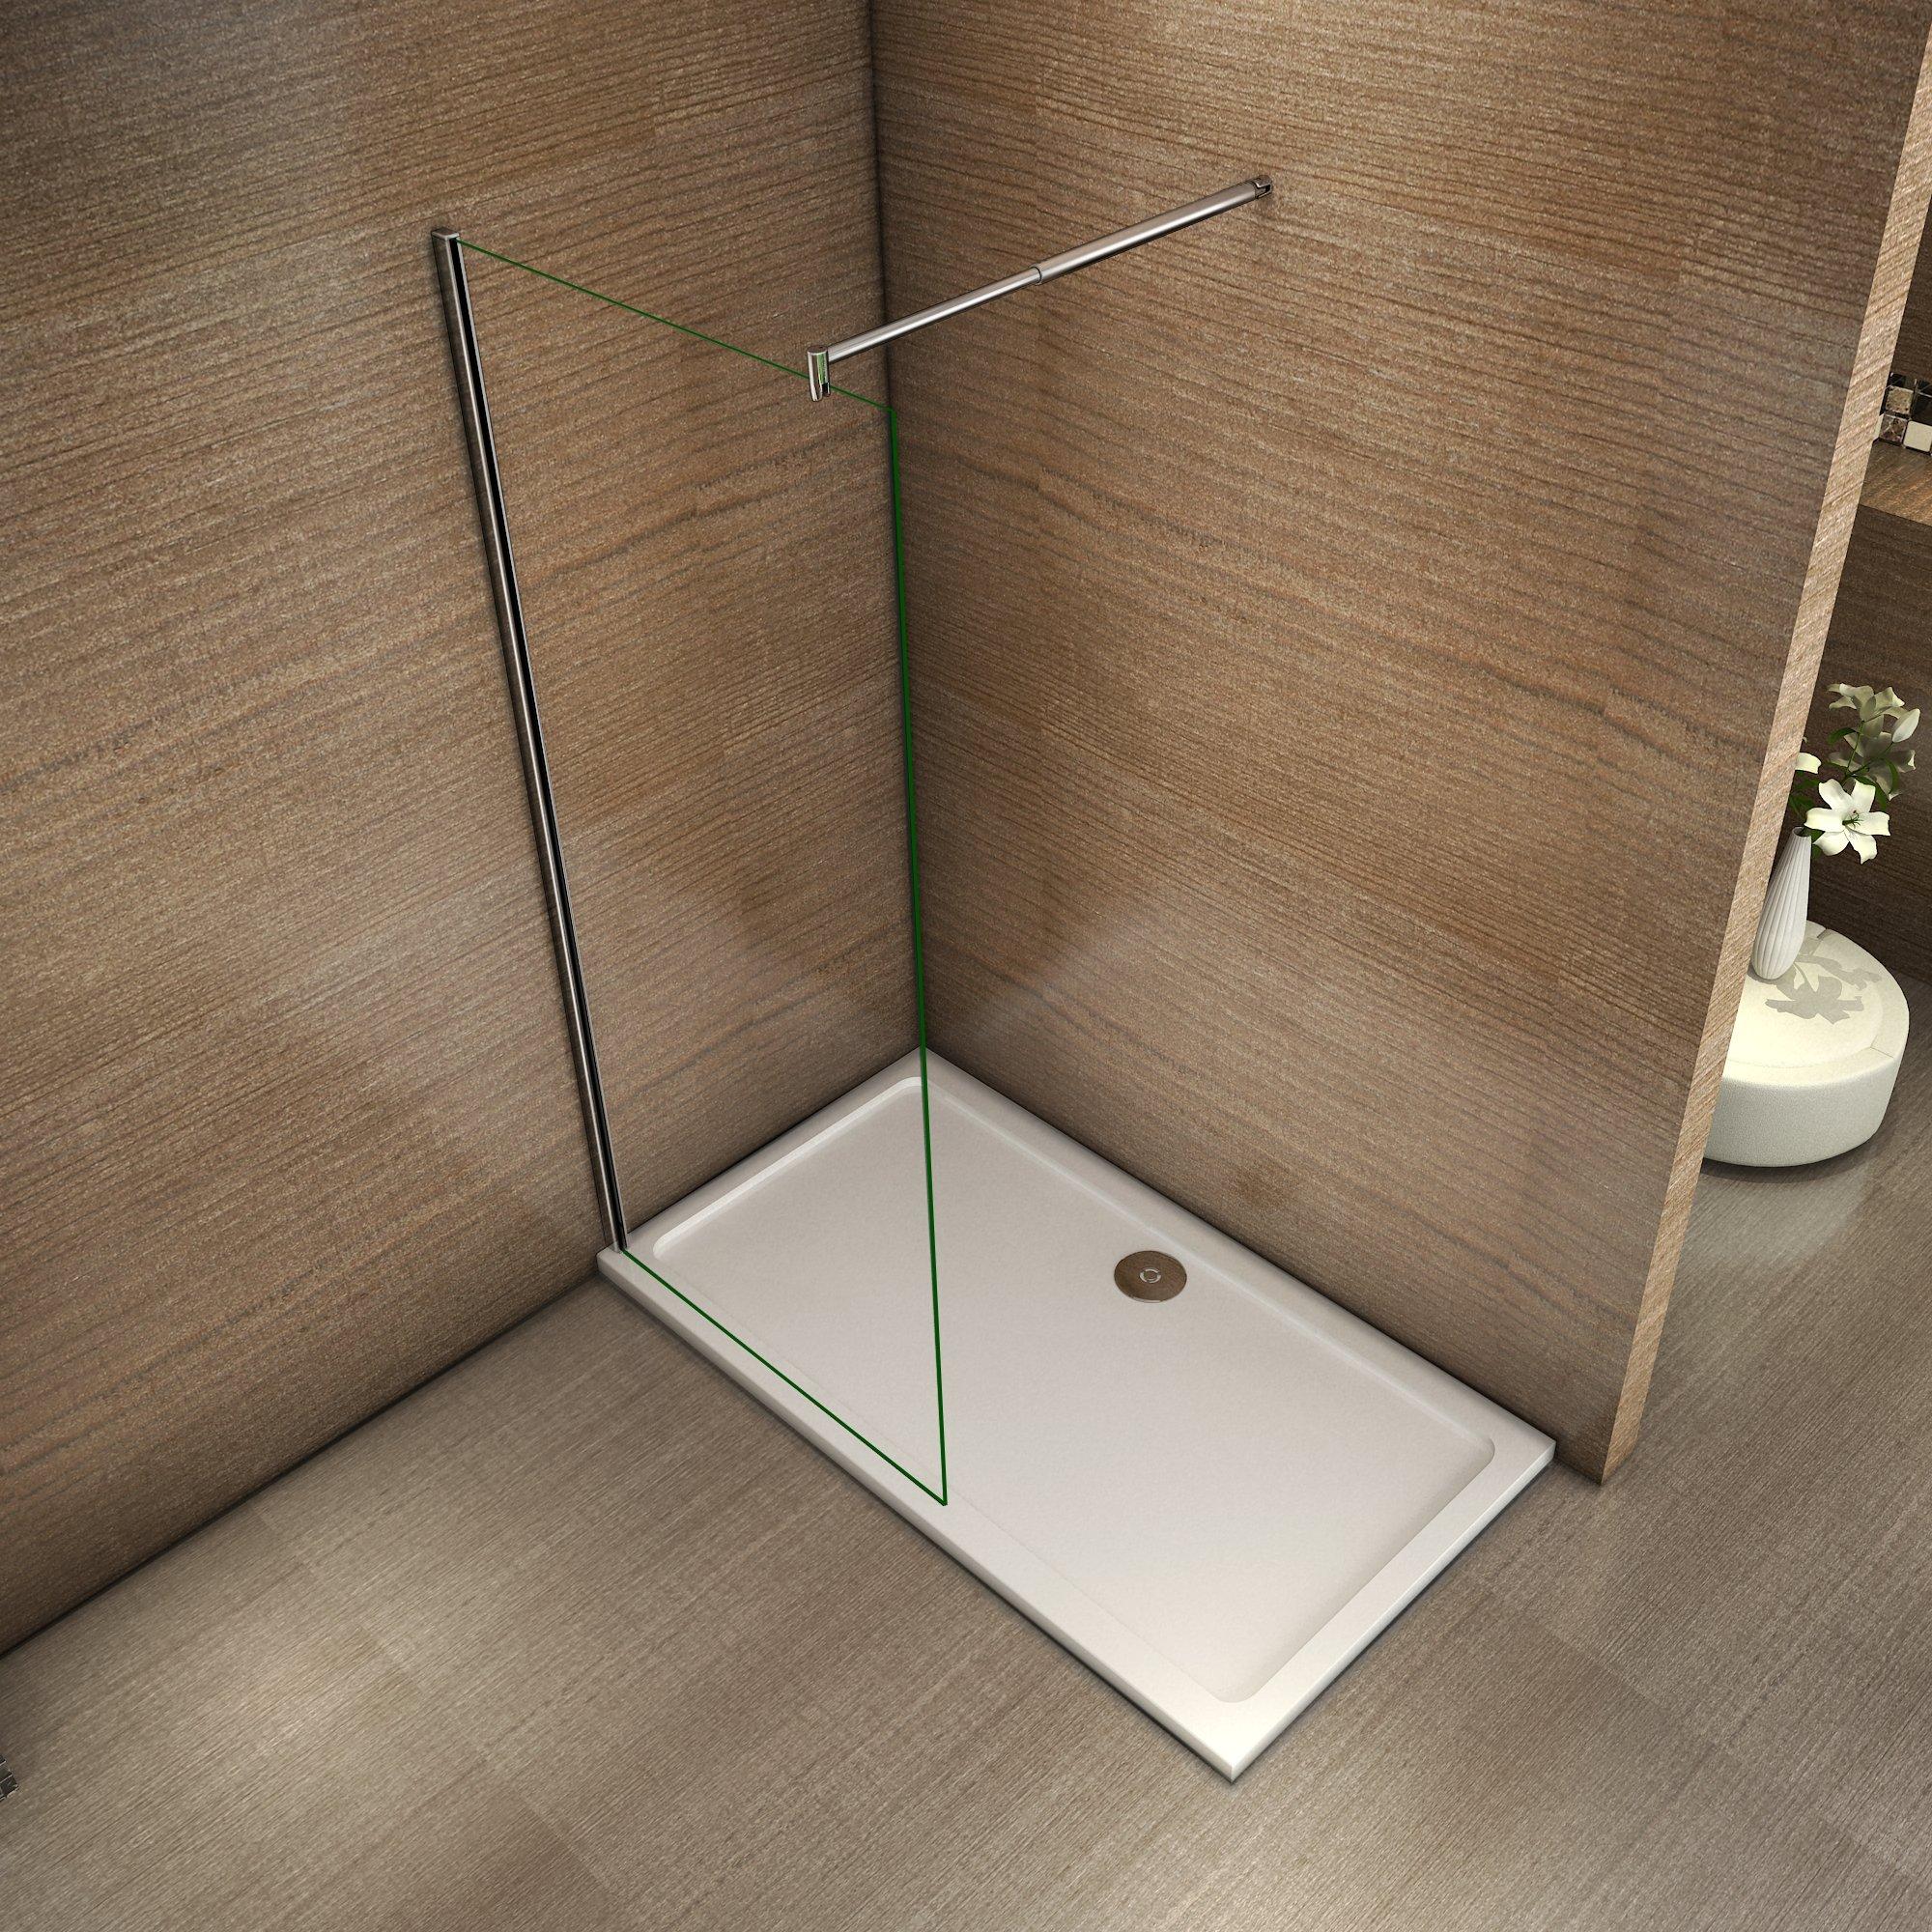 Mamparas de Ducha Frontales Puerta Fijo WALK IN Antical 10mm Cristal Barra 70-120cm 50x200cm: Amazon.es: Bricolaje y herramientas